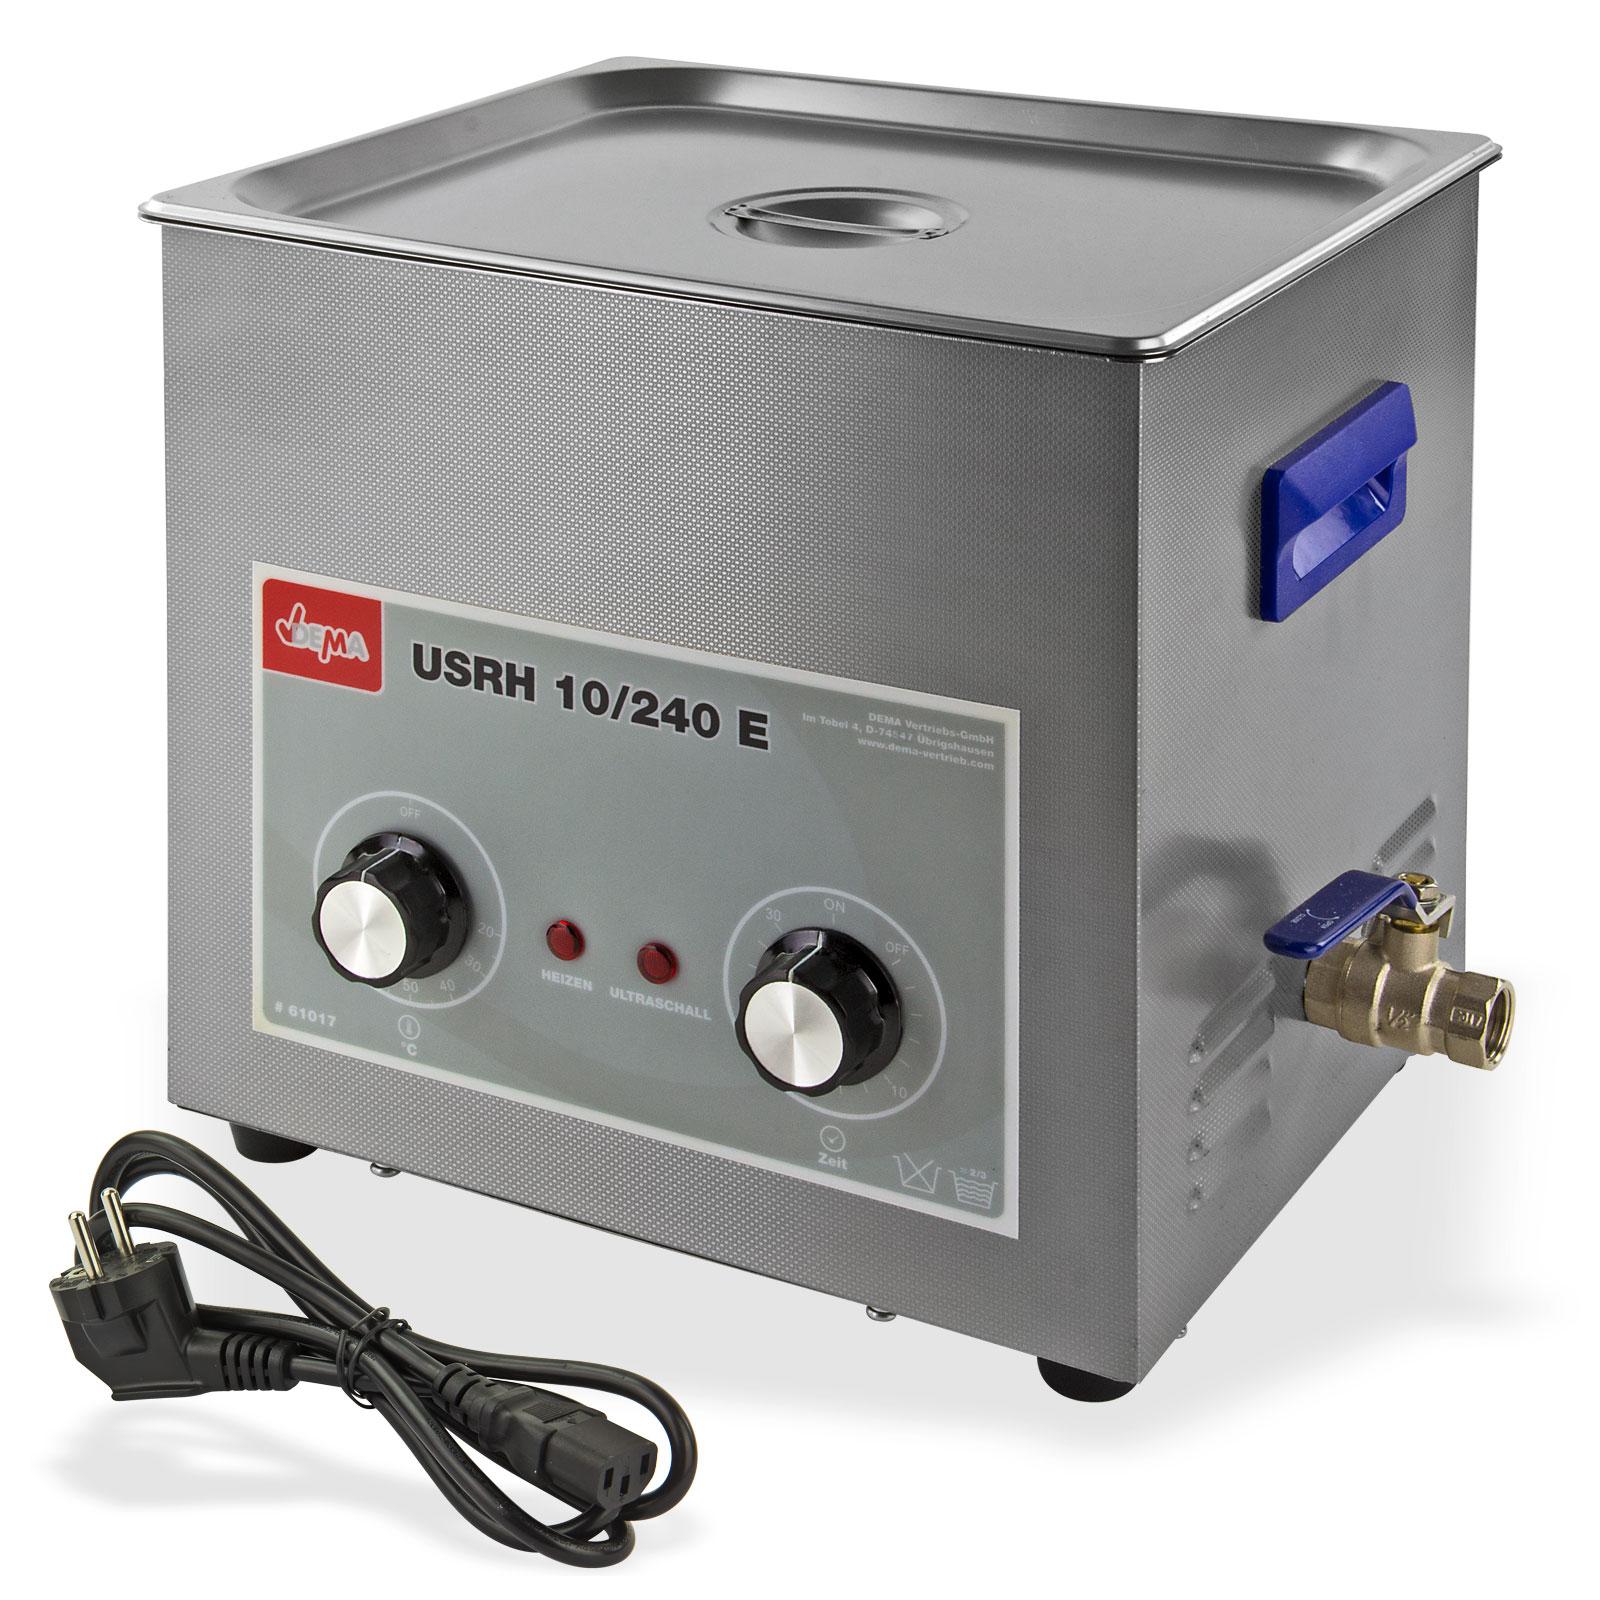 Dema Ultraschallreiniger / Ultraschallbad UR 10 Liter mit Heizung 61017